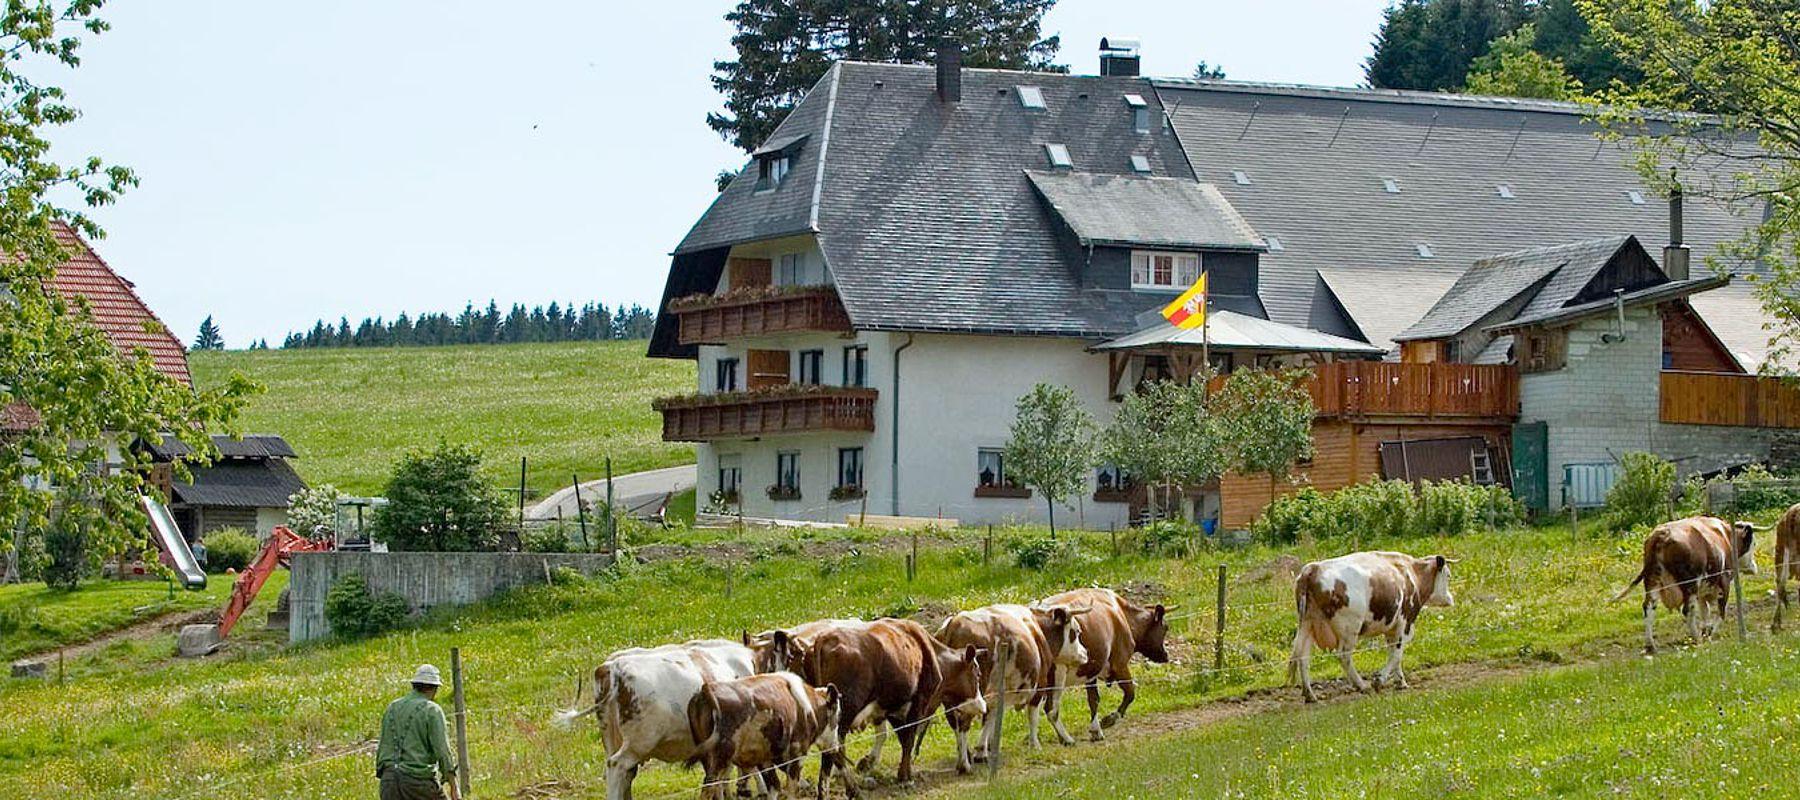 Bauernhof Milchwirtschaft Schwarzwald